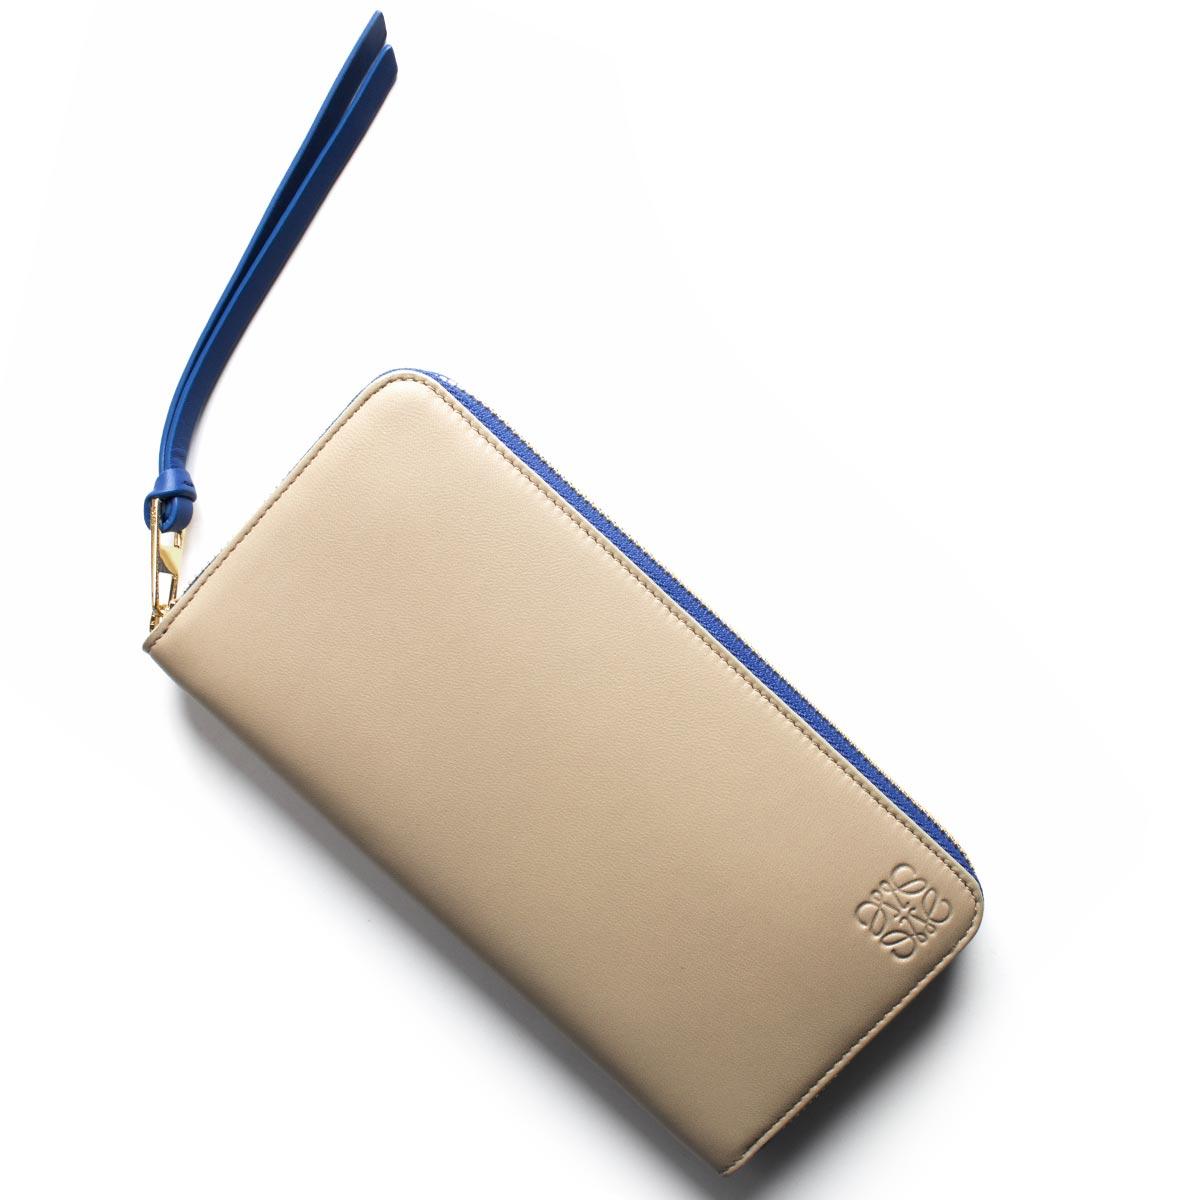 ロエベ 長財布 財布 レディース サンドベージュ&エレクトリックブルー 109 F13 N80 2554 LOEWE